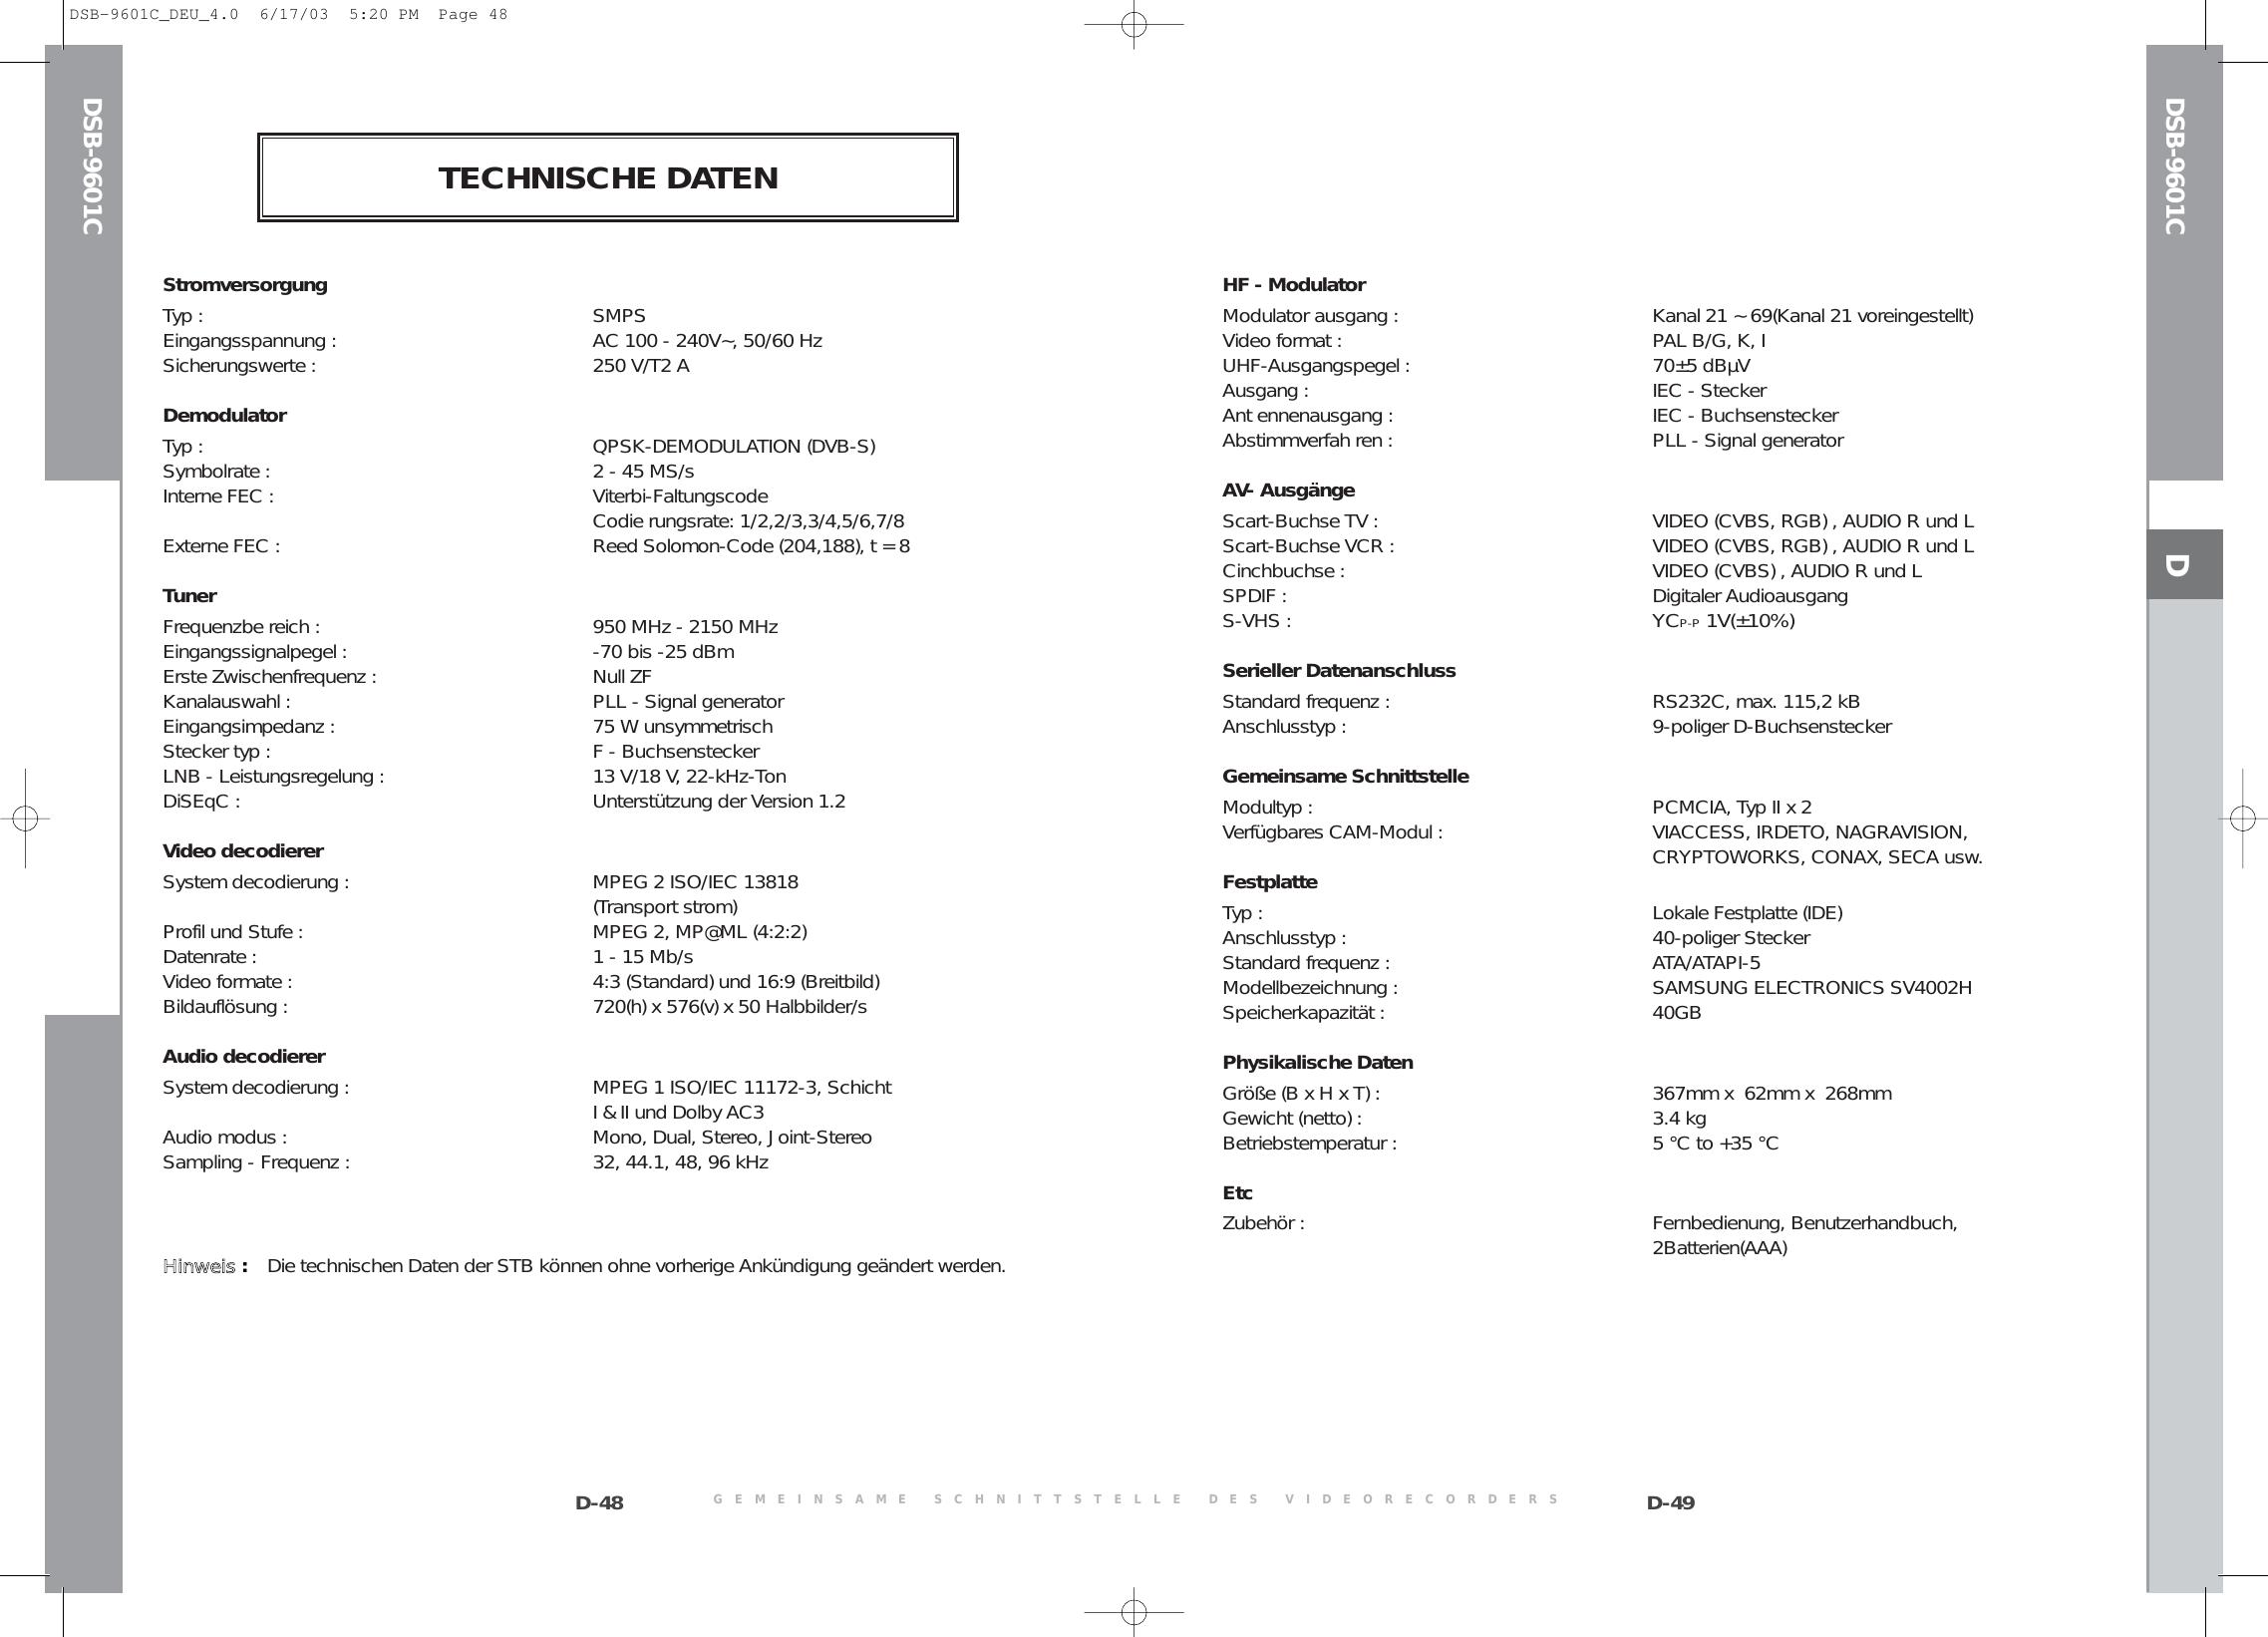 Samsung DSB 9601C COVER Del 20040329155012109 MF68 00263A